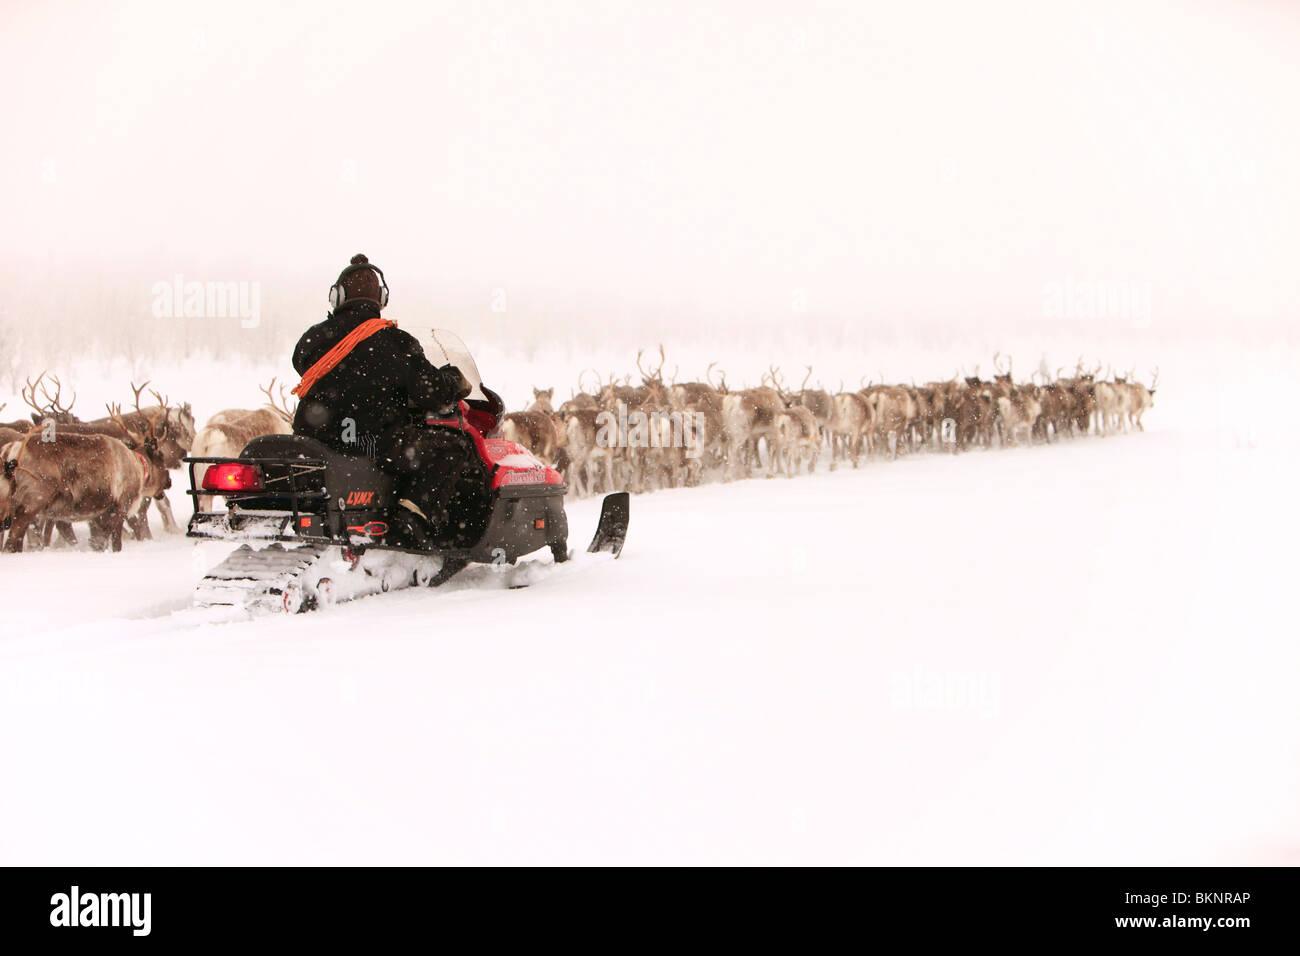 La migración anual de renos sami primavera de Gällivare Stubba nr en Suecia a través de sus tierras ancestrales Foto de stock